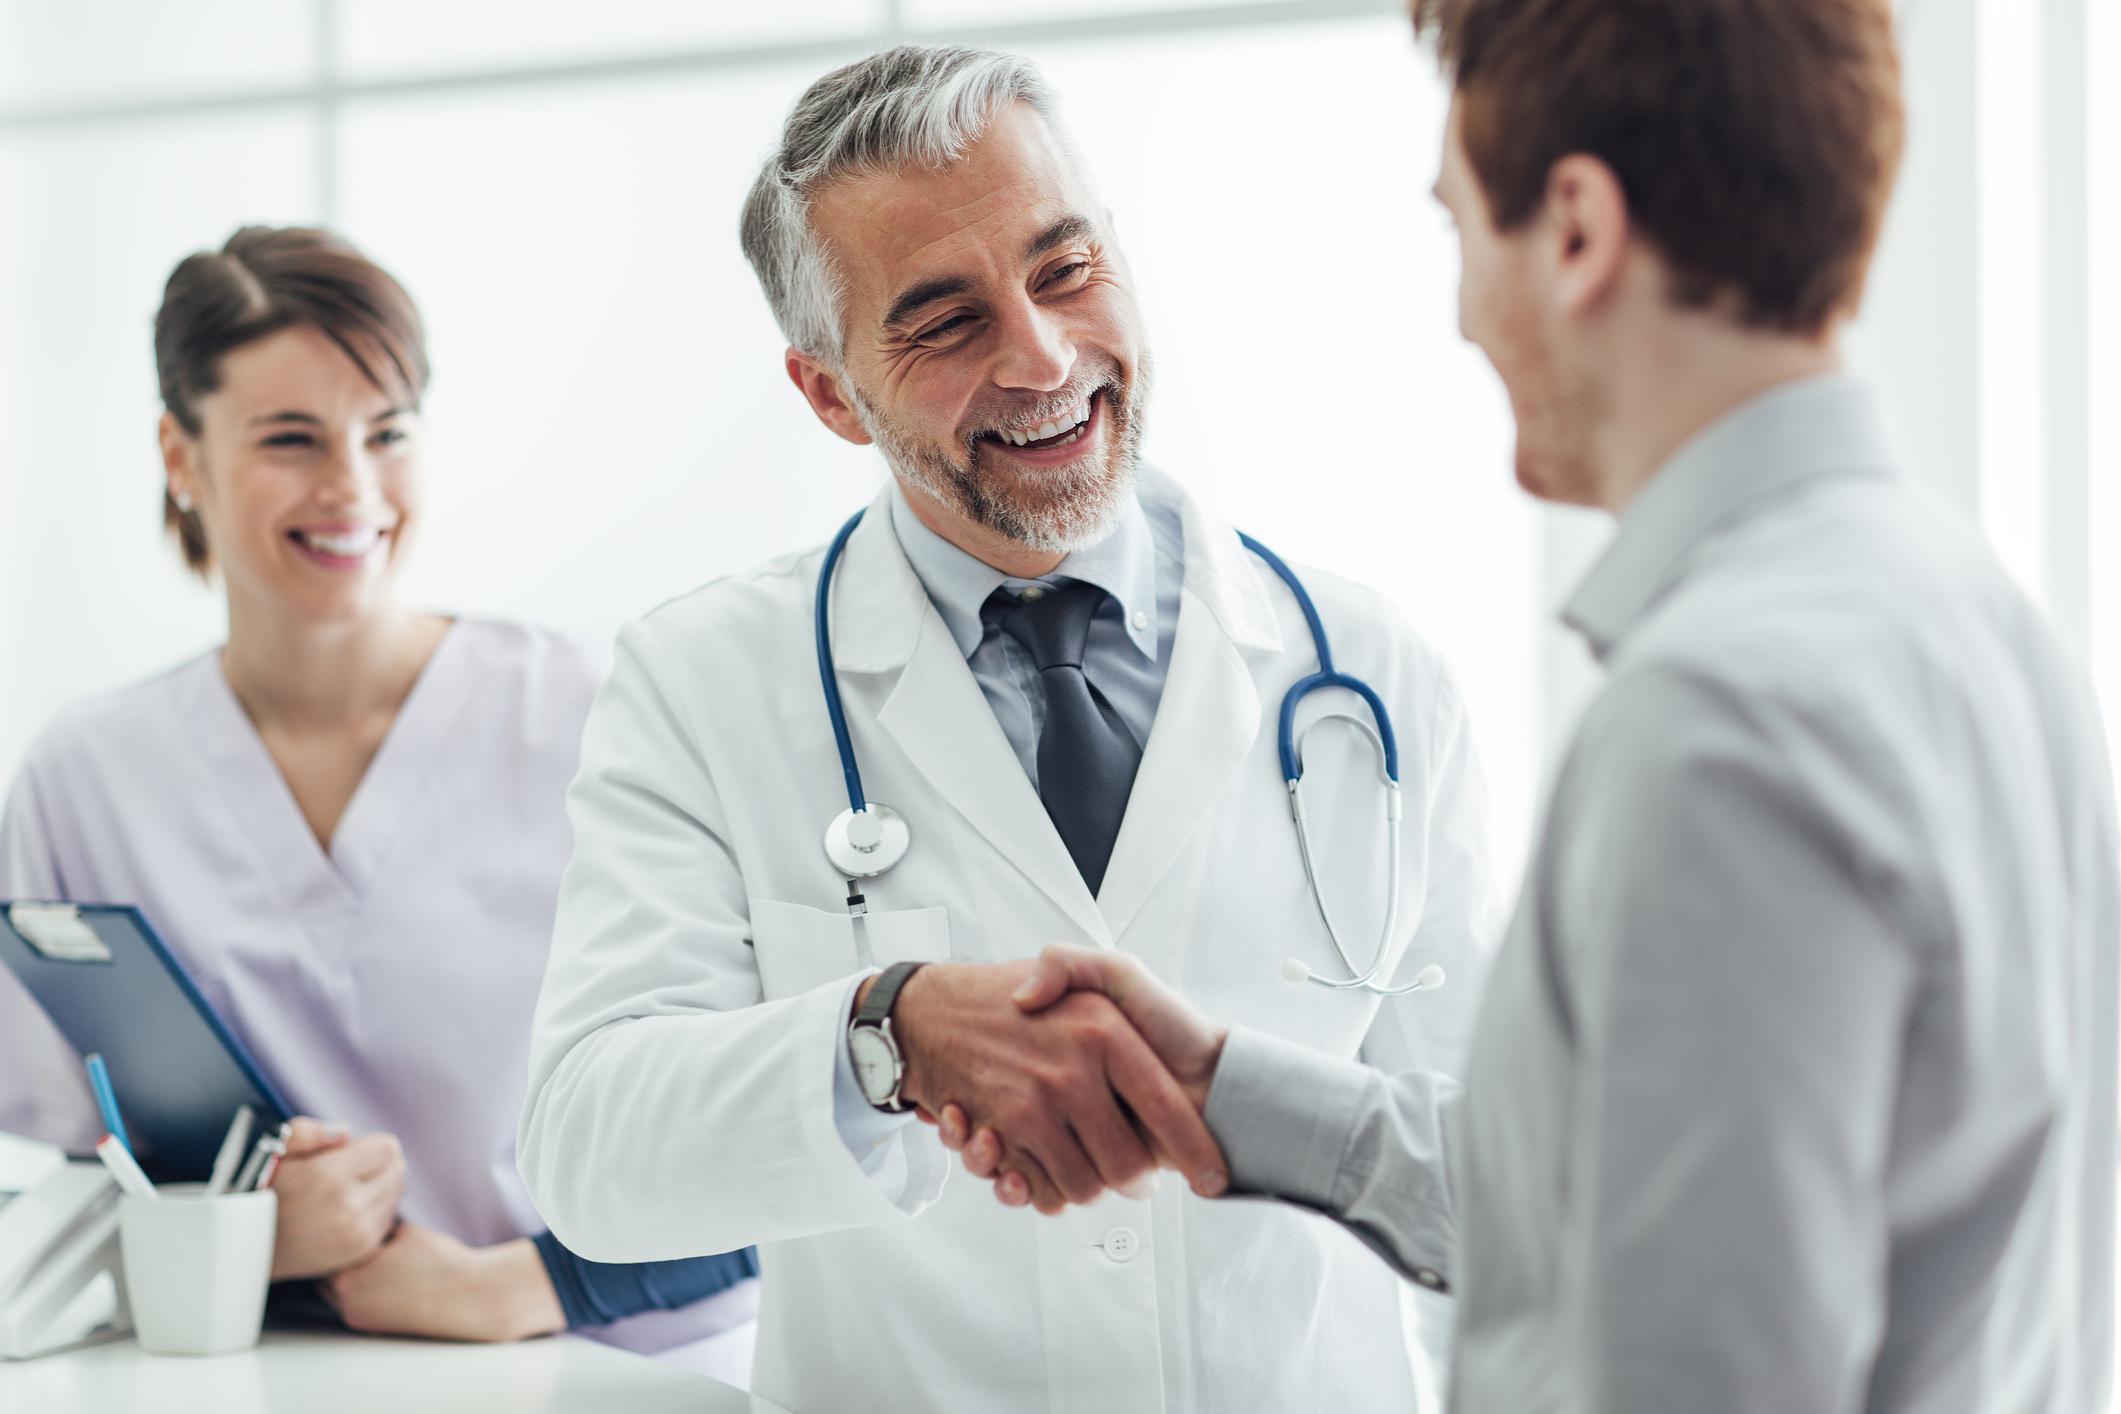 mbst-arzt-behandlungszentrum-diagnose